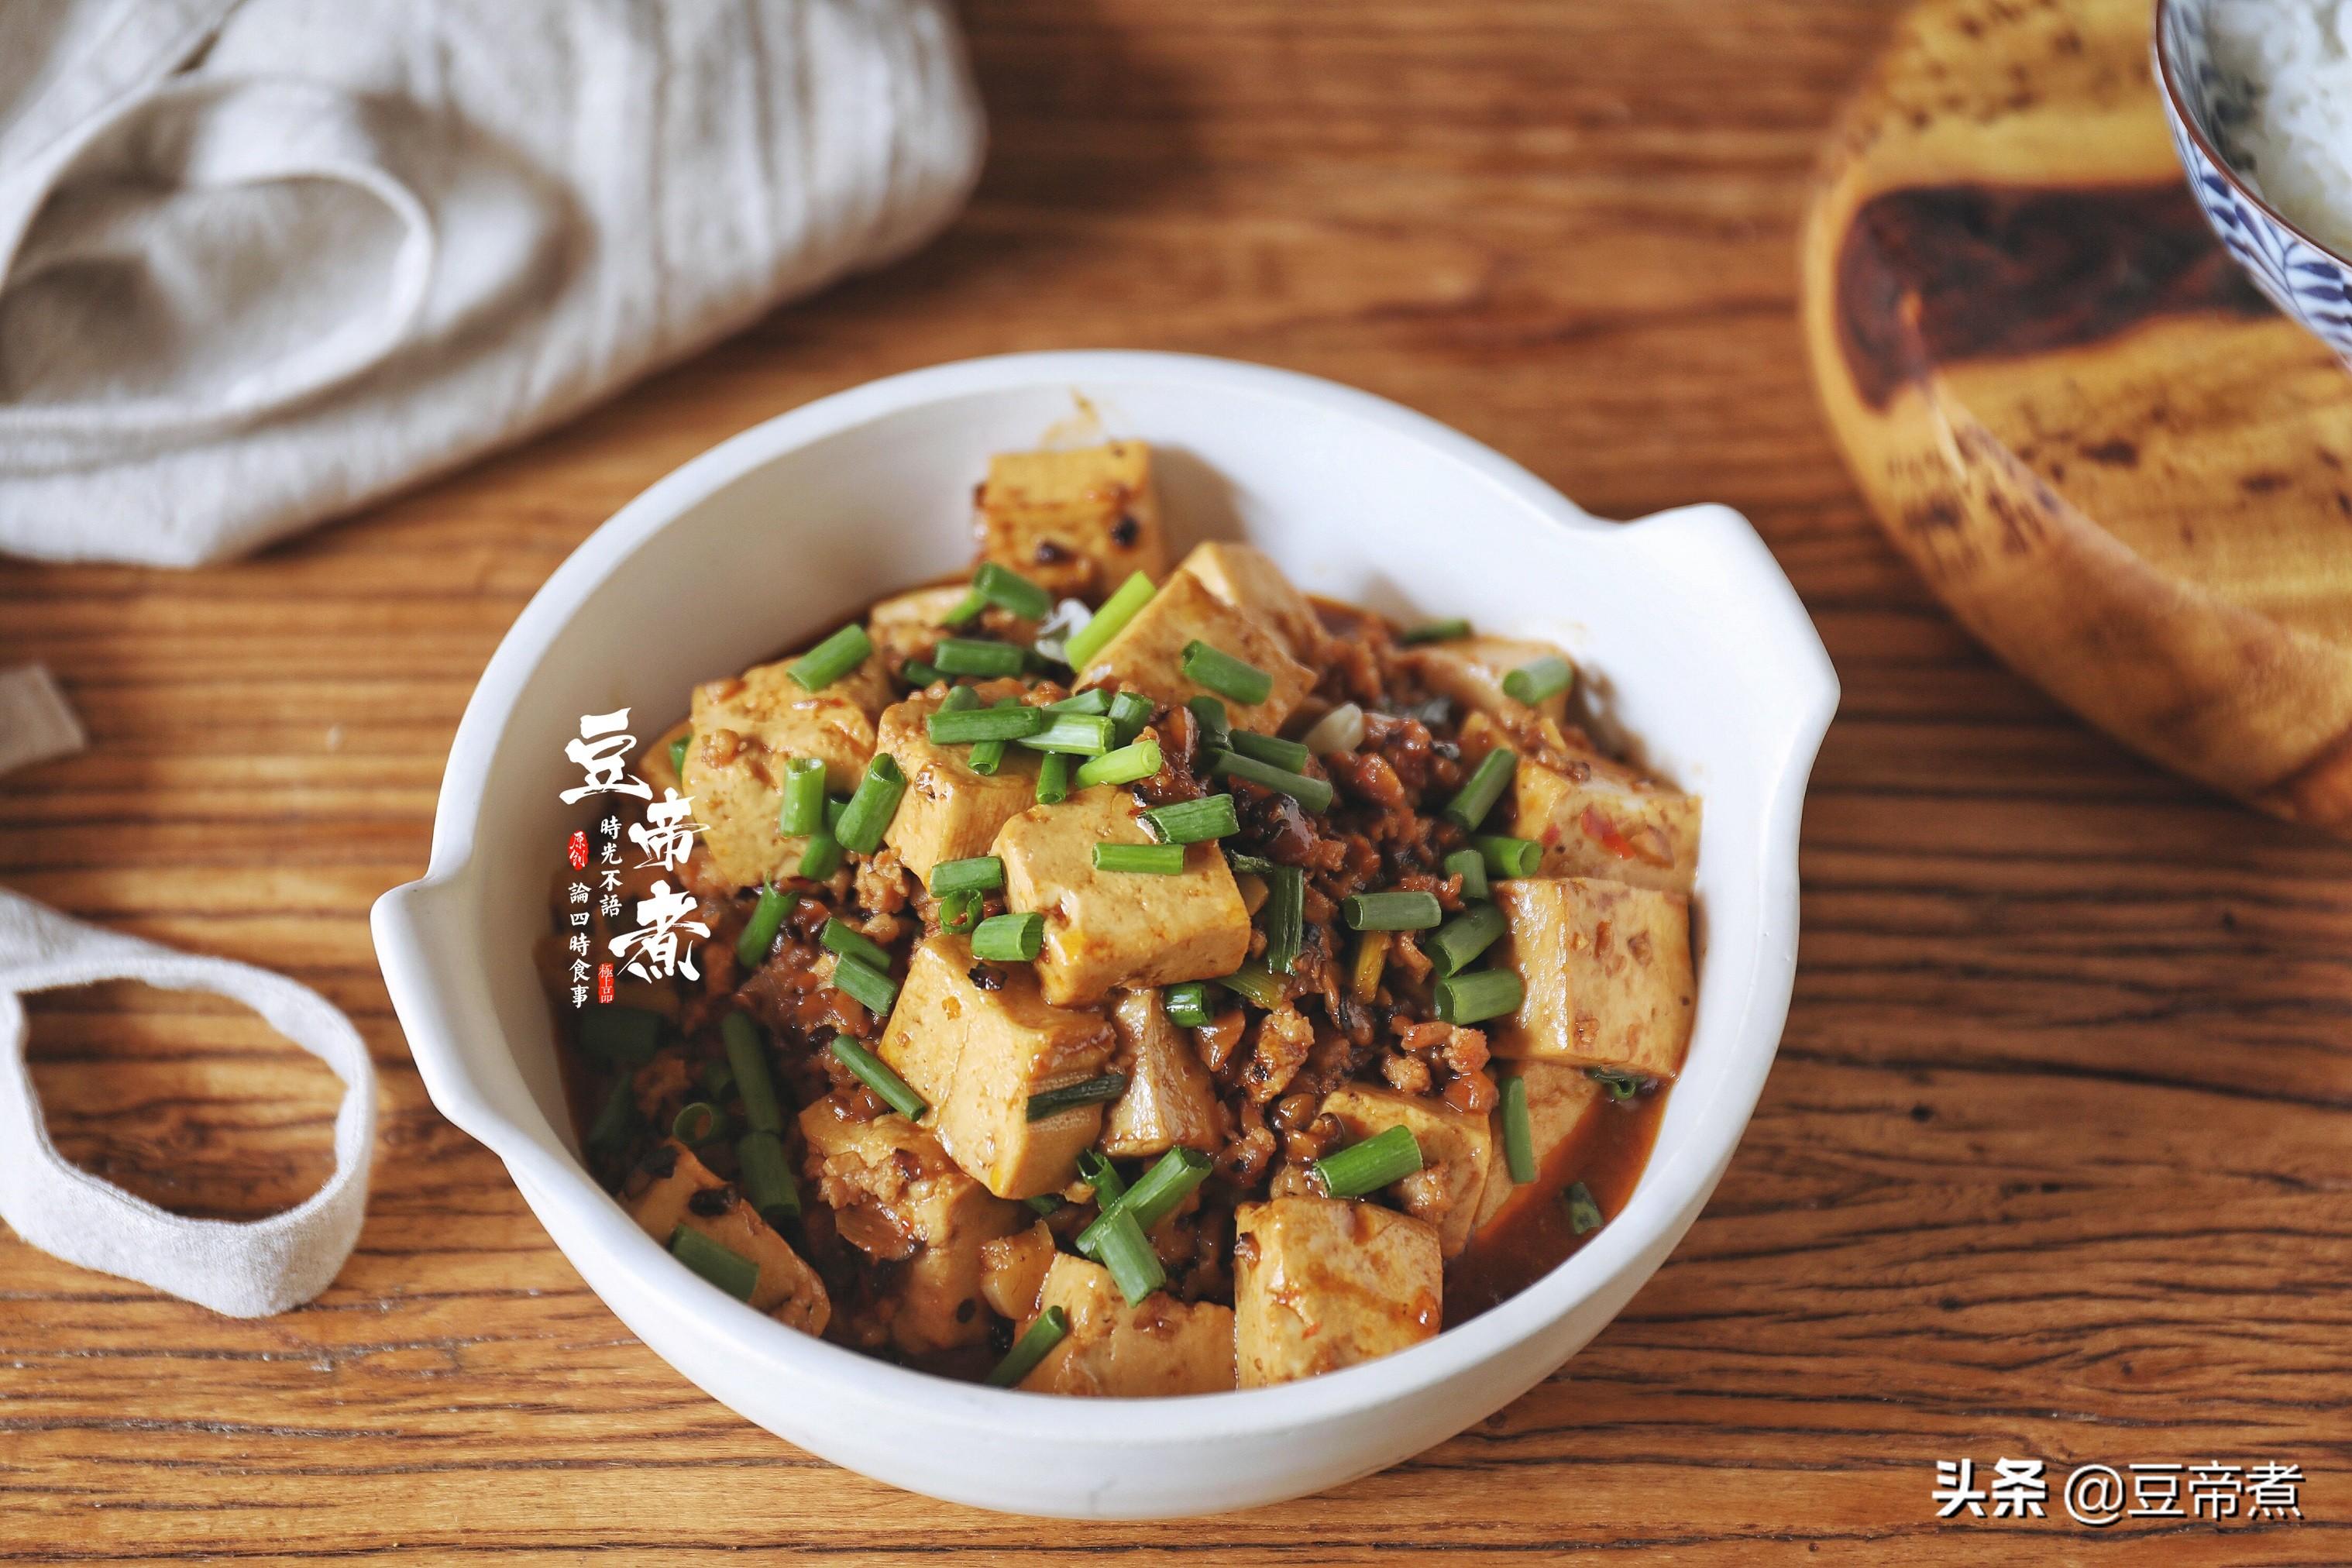 豆腐这样做,一匙就能下碗饭,味道香口感好,就算连吃三天也不腻